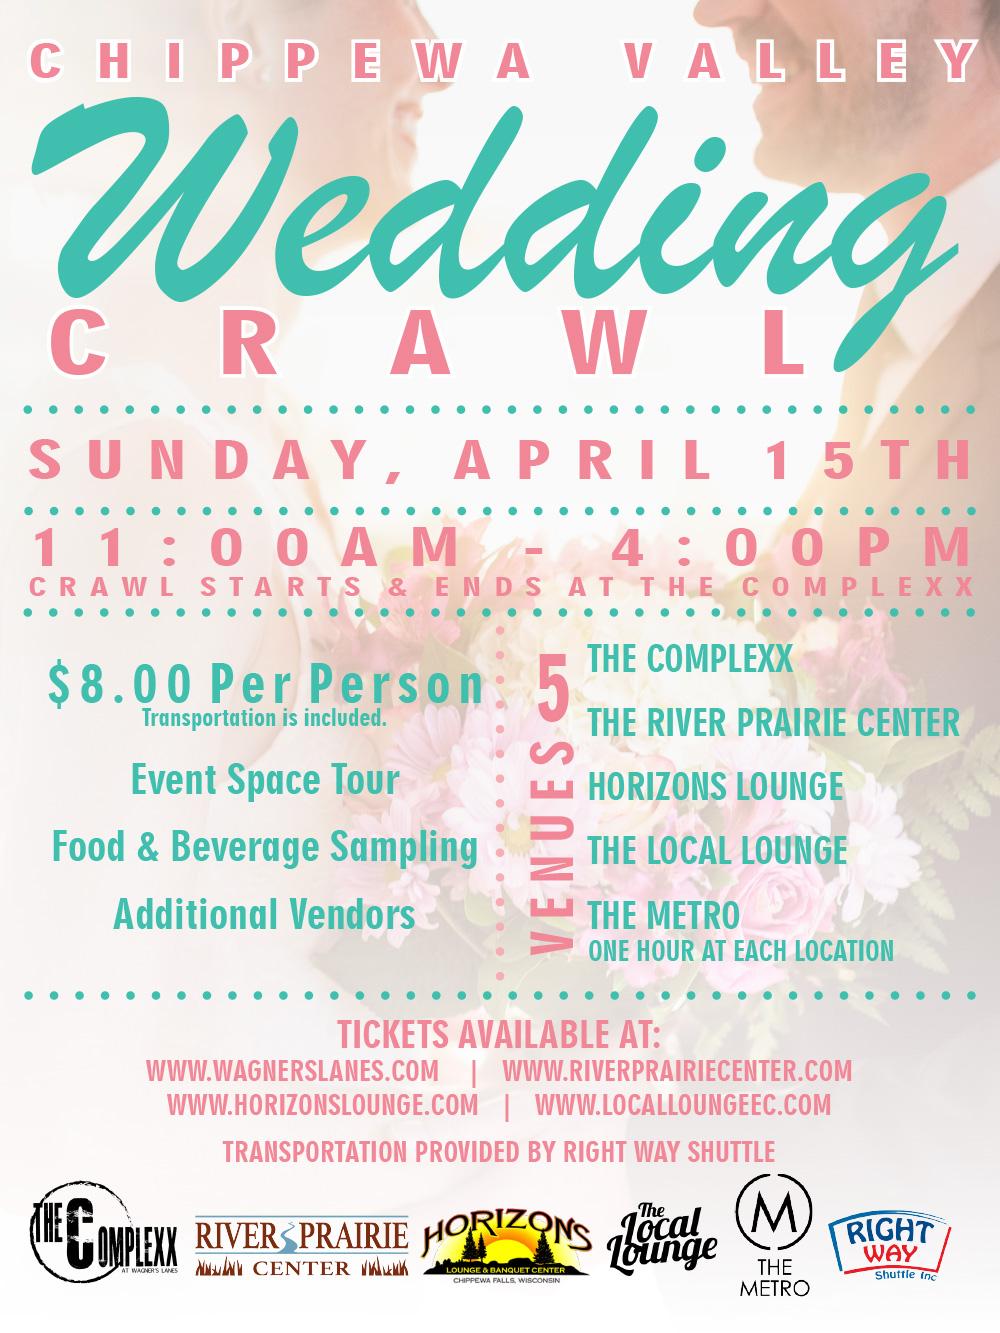 Wedding Crawl